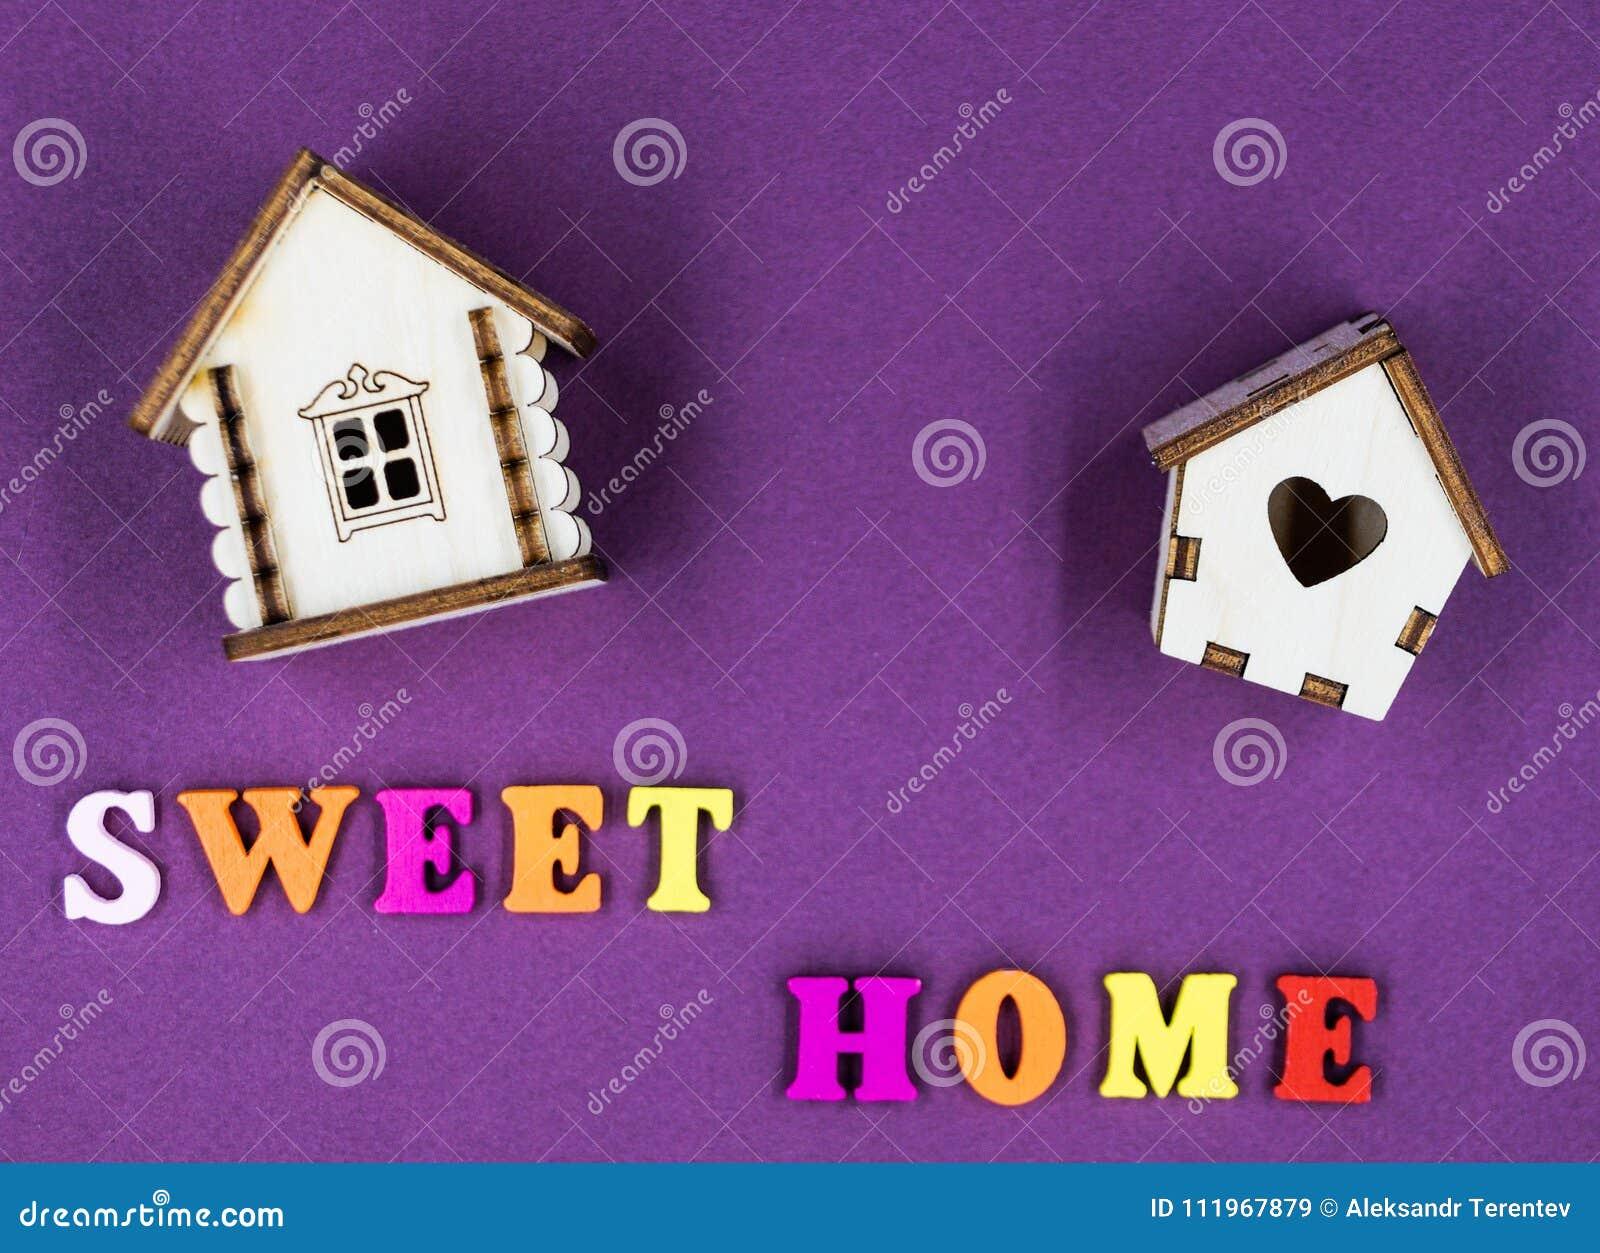 Das Phrase ` süße Haupt-` ausgebreitet auf einem rosa Hintergrund mit zwei Spielzeugholzhäusern